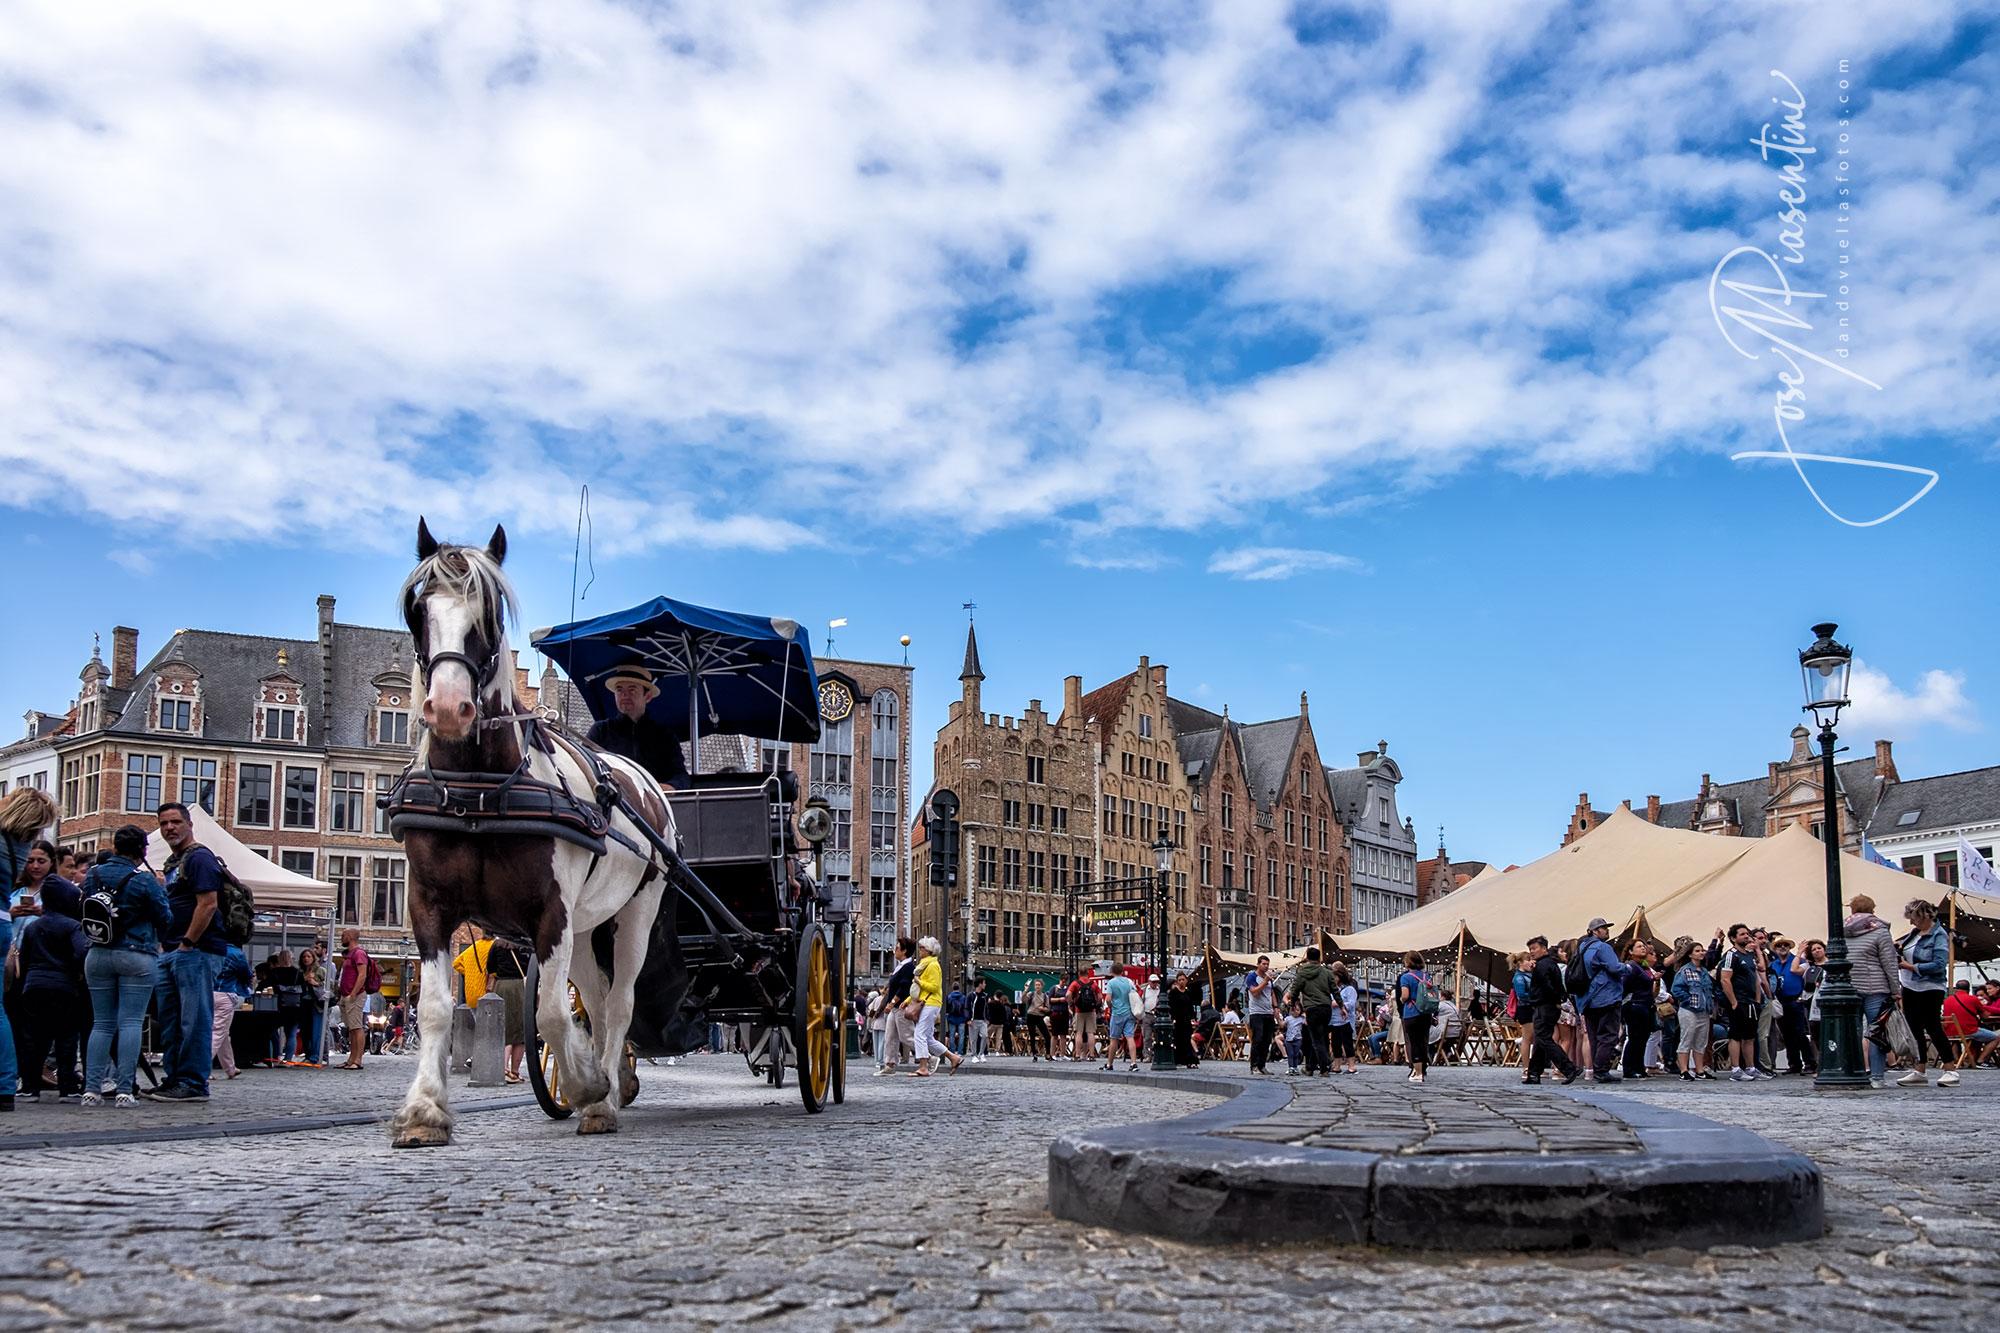 Un paseo por la Plaza Grote Markt